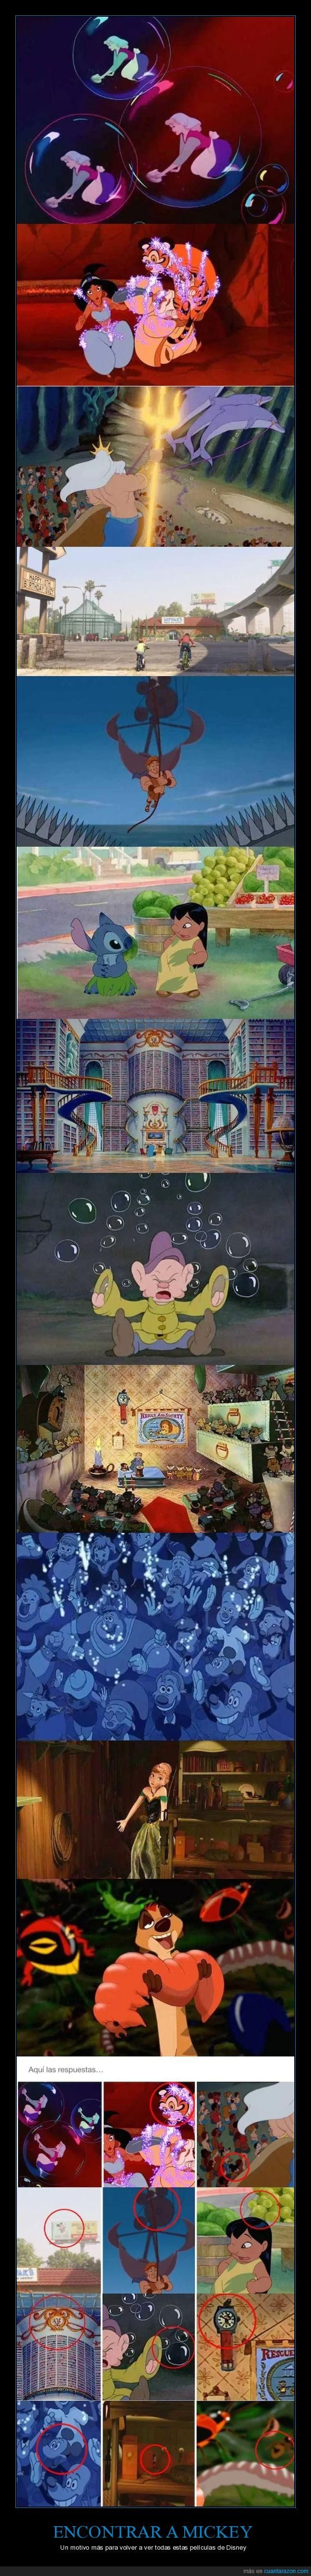 Encuentra al Mickey oculto en las películas de Disney